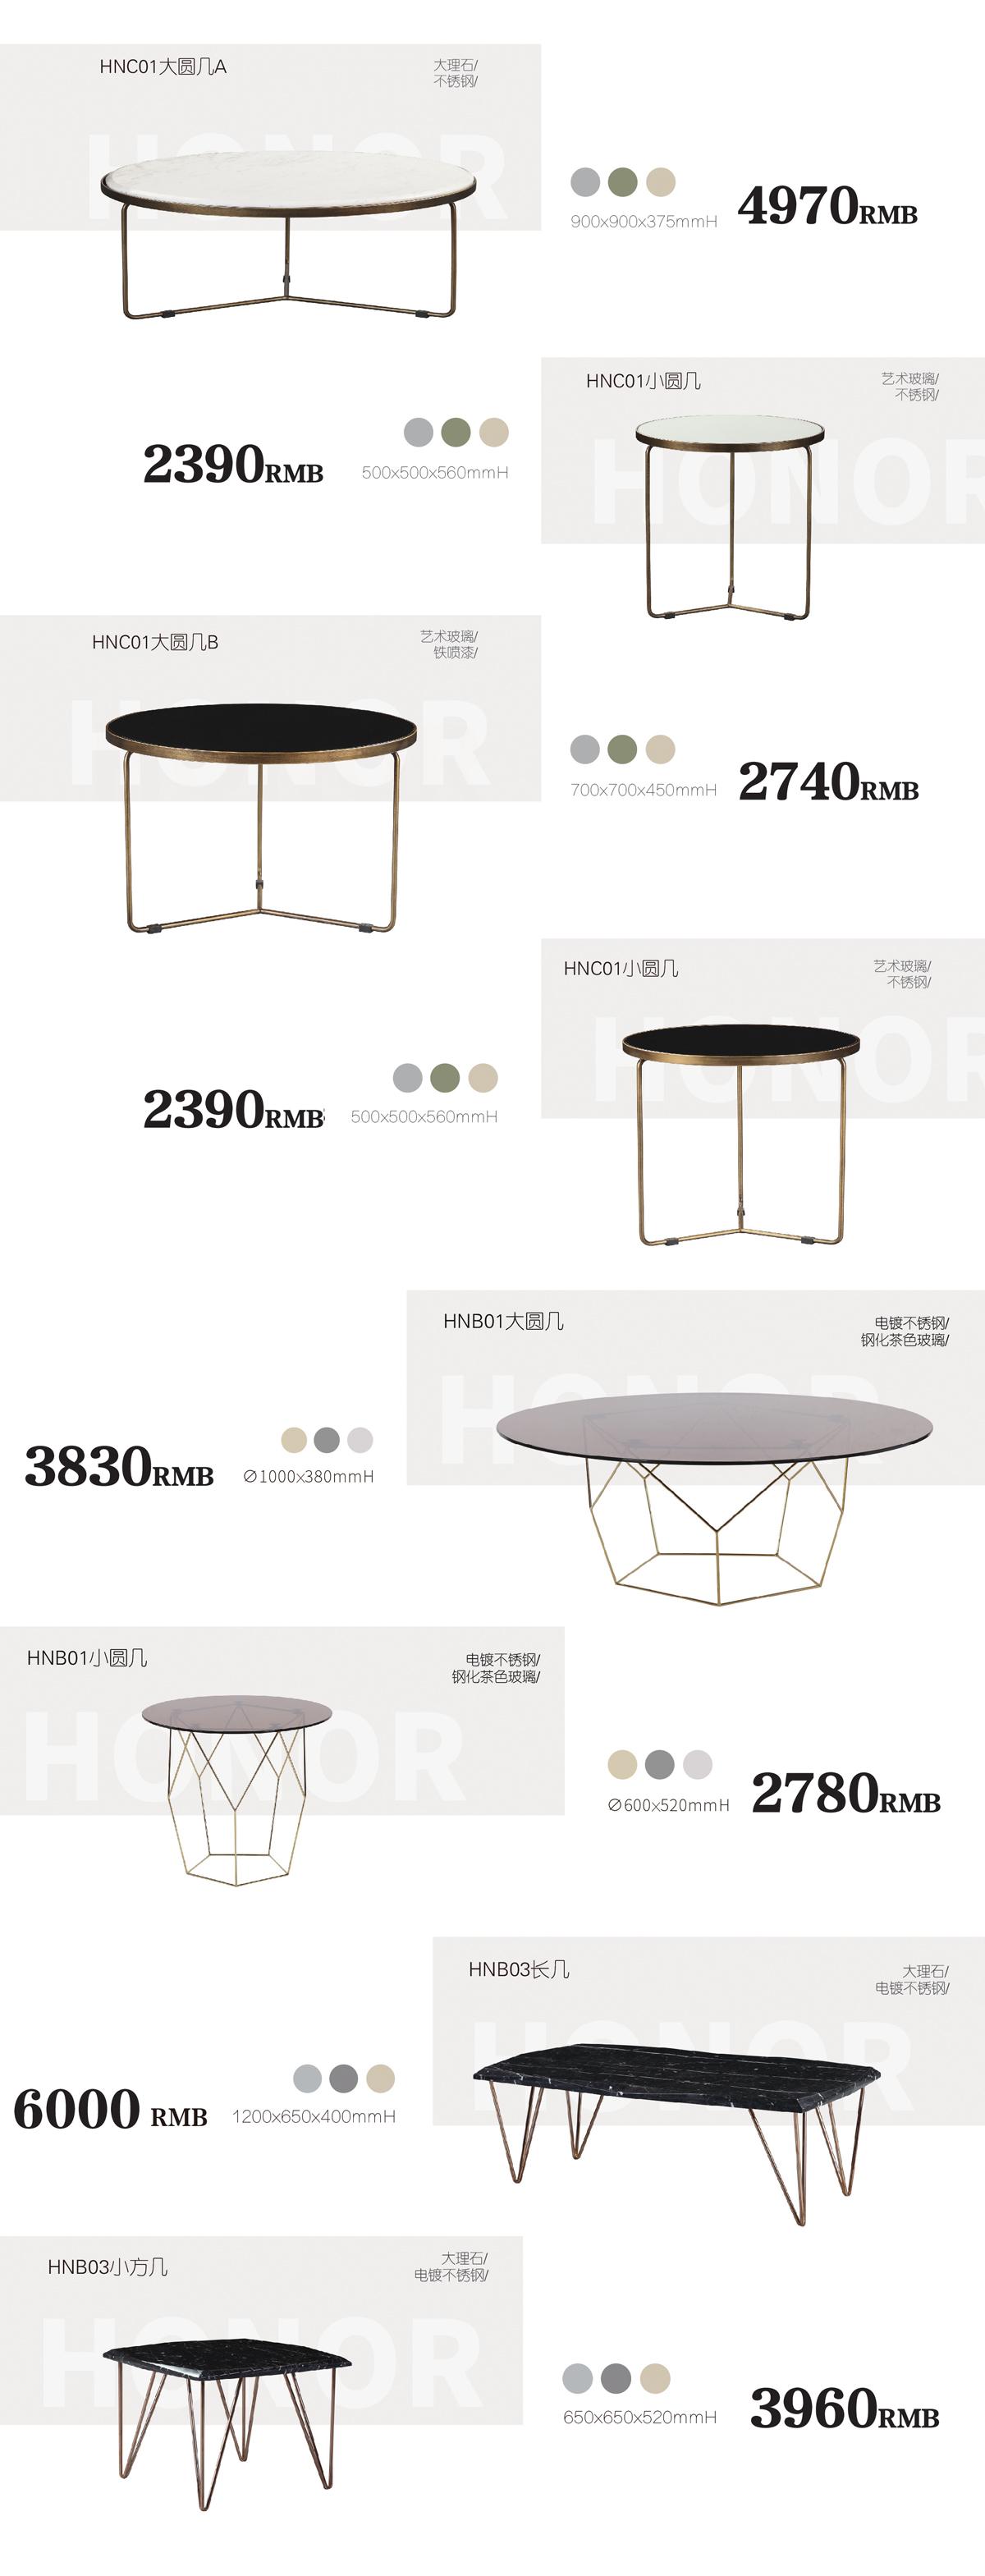 全屋定制家具桌子2